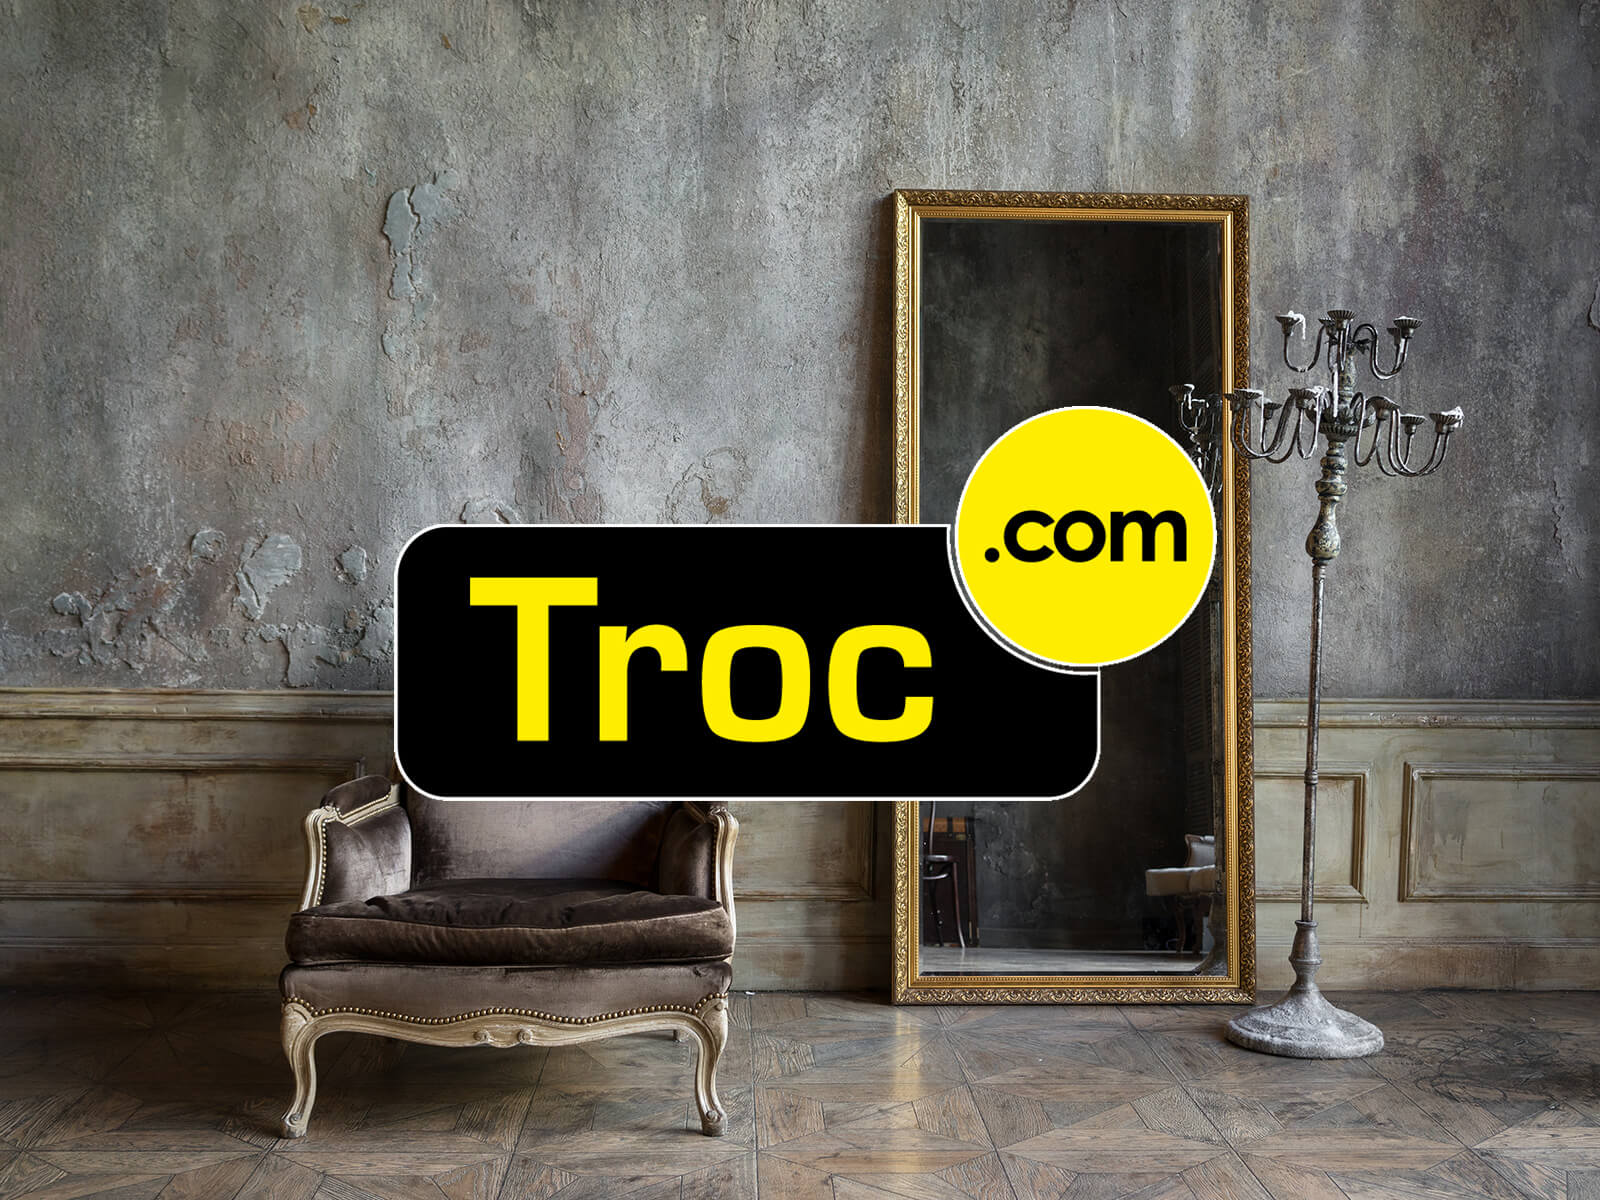 Déco Luminaires d'occasion - Achat vente de Déco d'occasion sur Troc.com